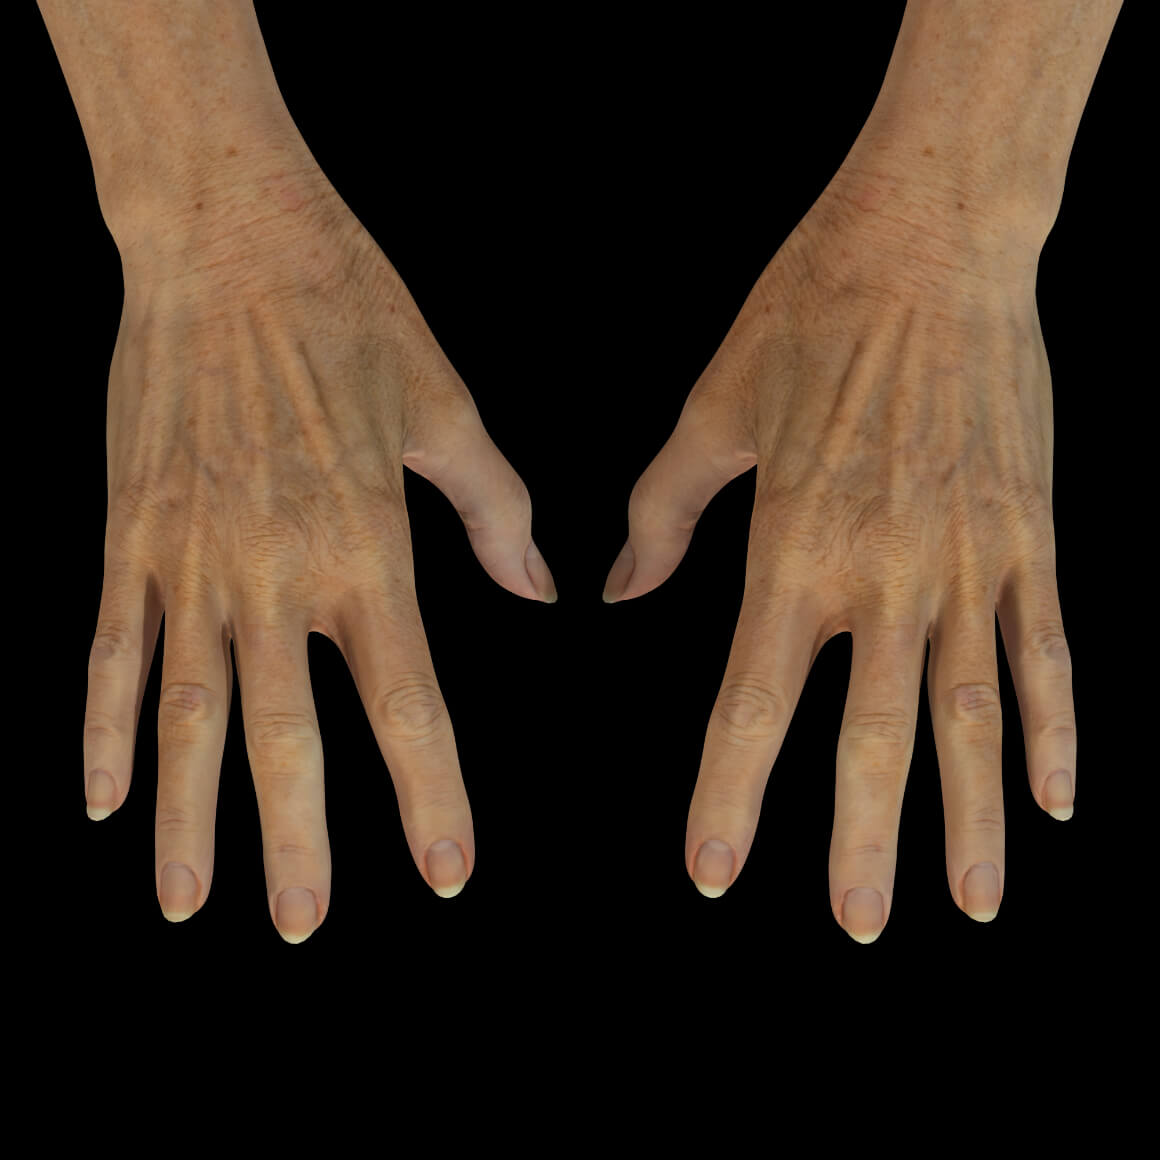 Mains d'une patiente de la Clinique Chloé montrant des rides et des tendons apparents